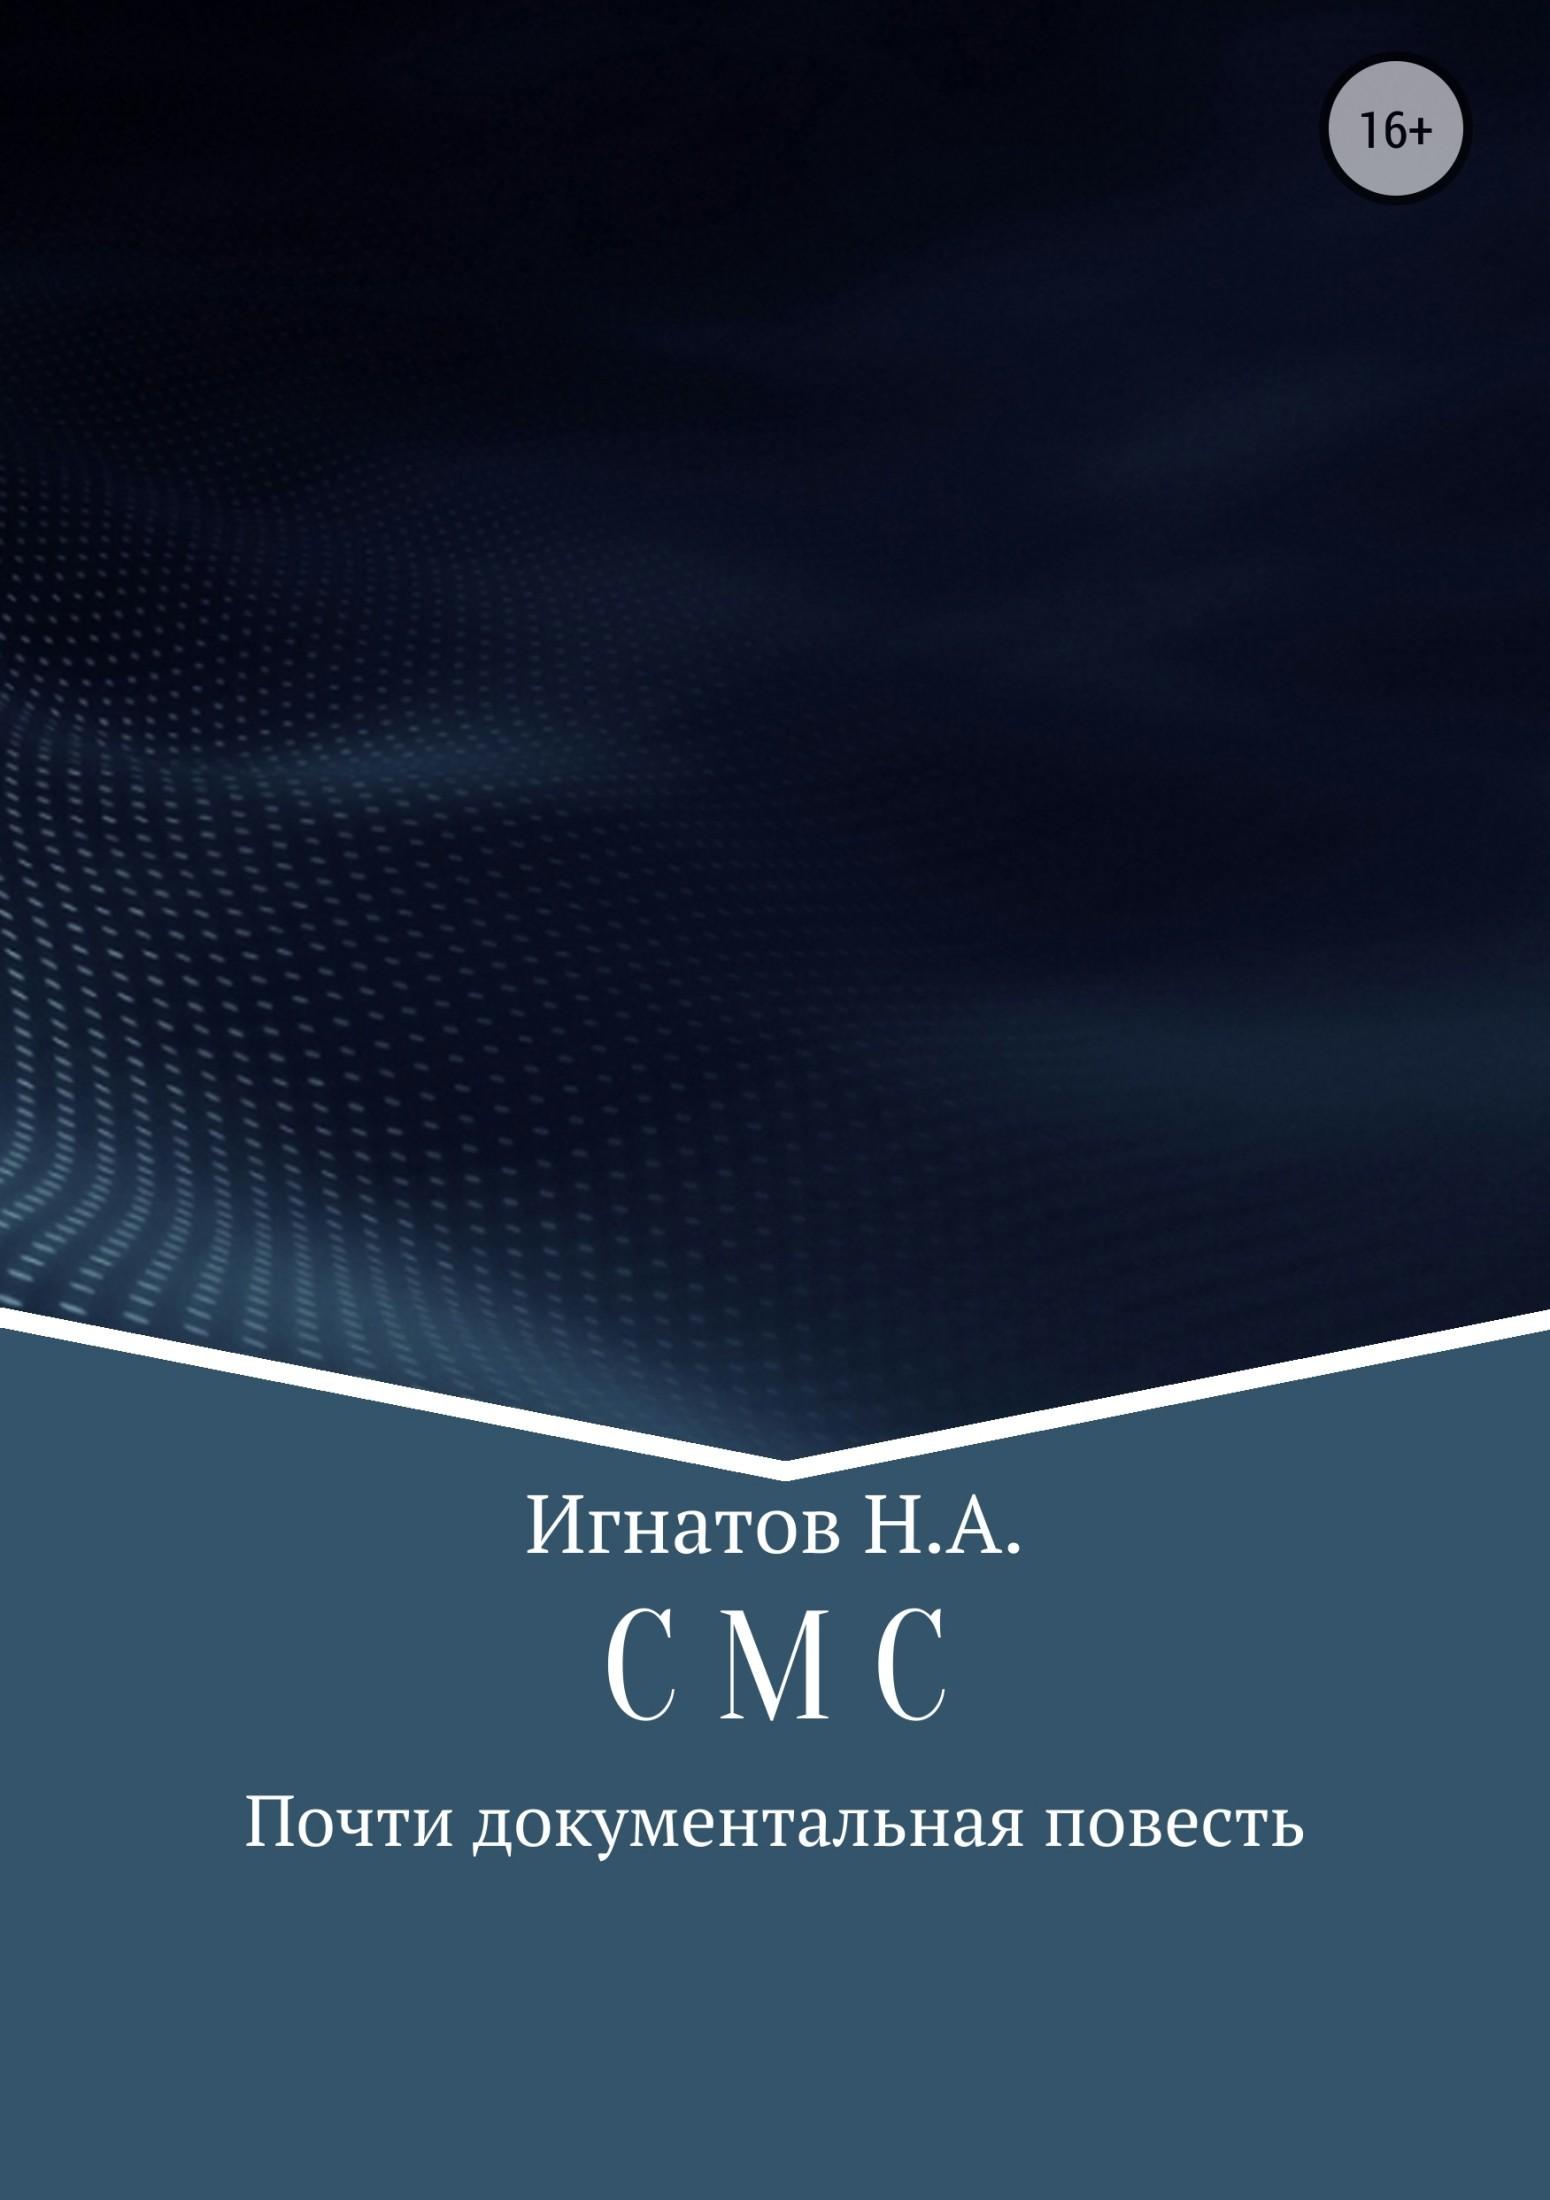 С М С